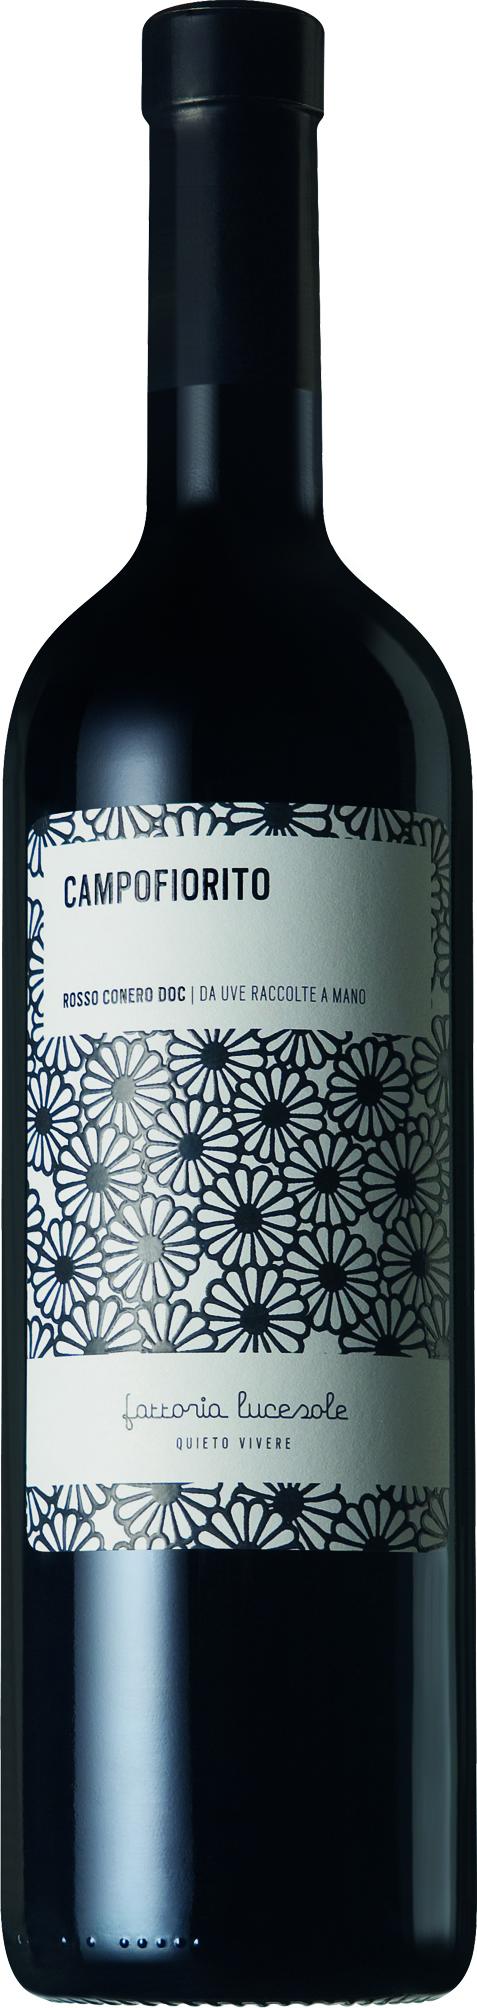 CAMPOFIORITO ROSSO CONERO DOC